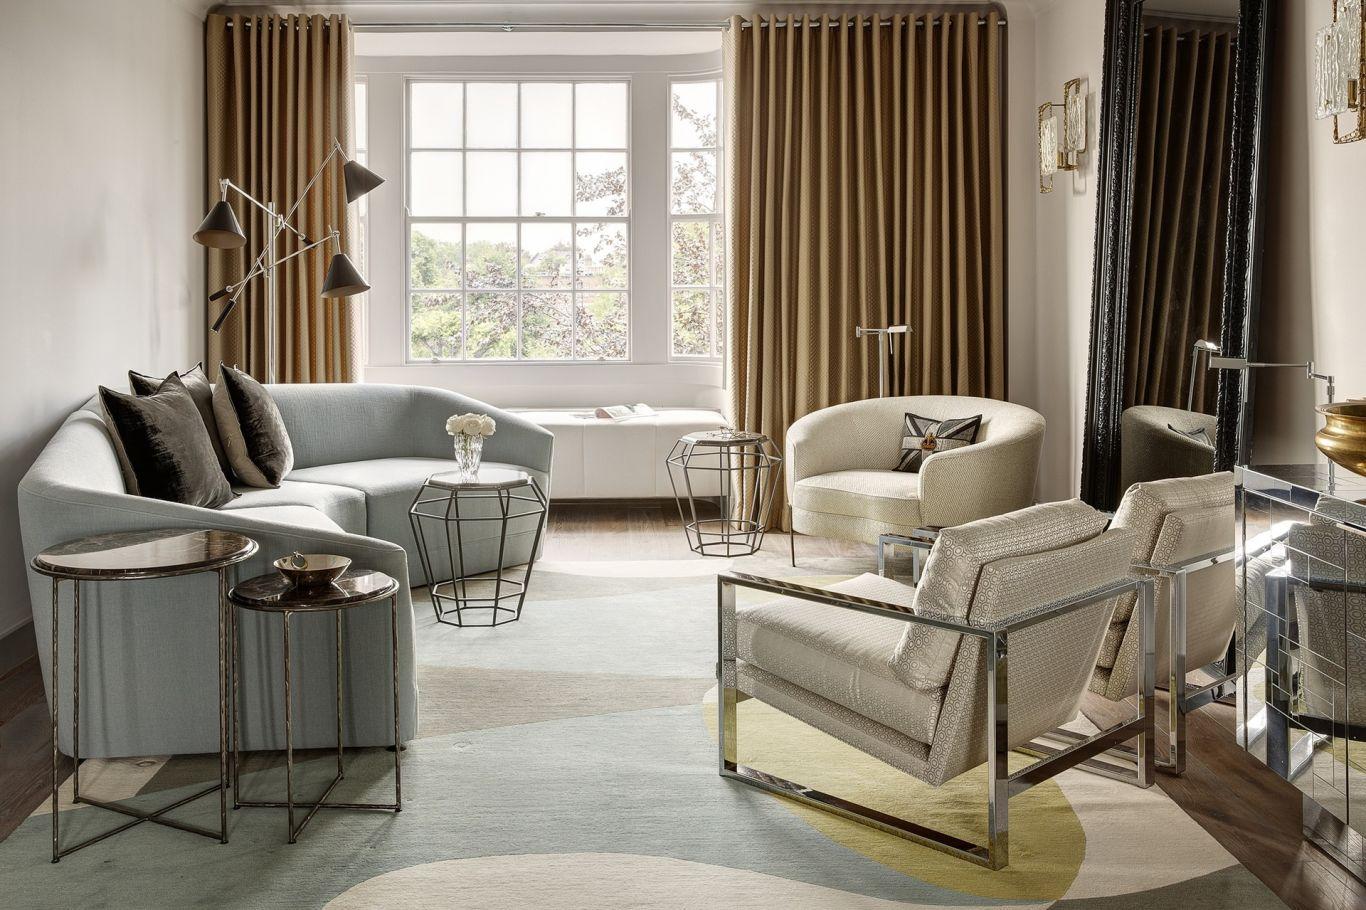 Customised living room with hidden AV system